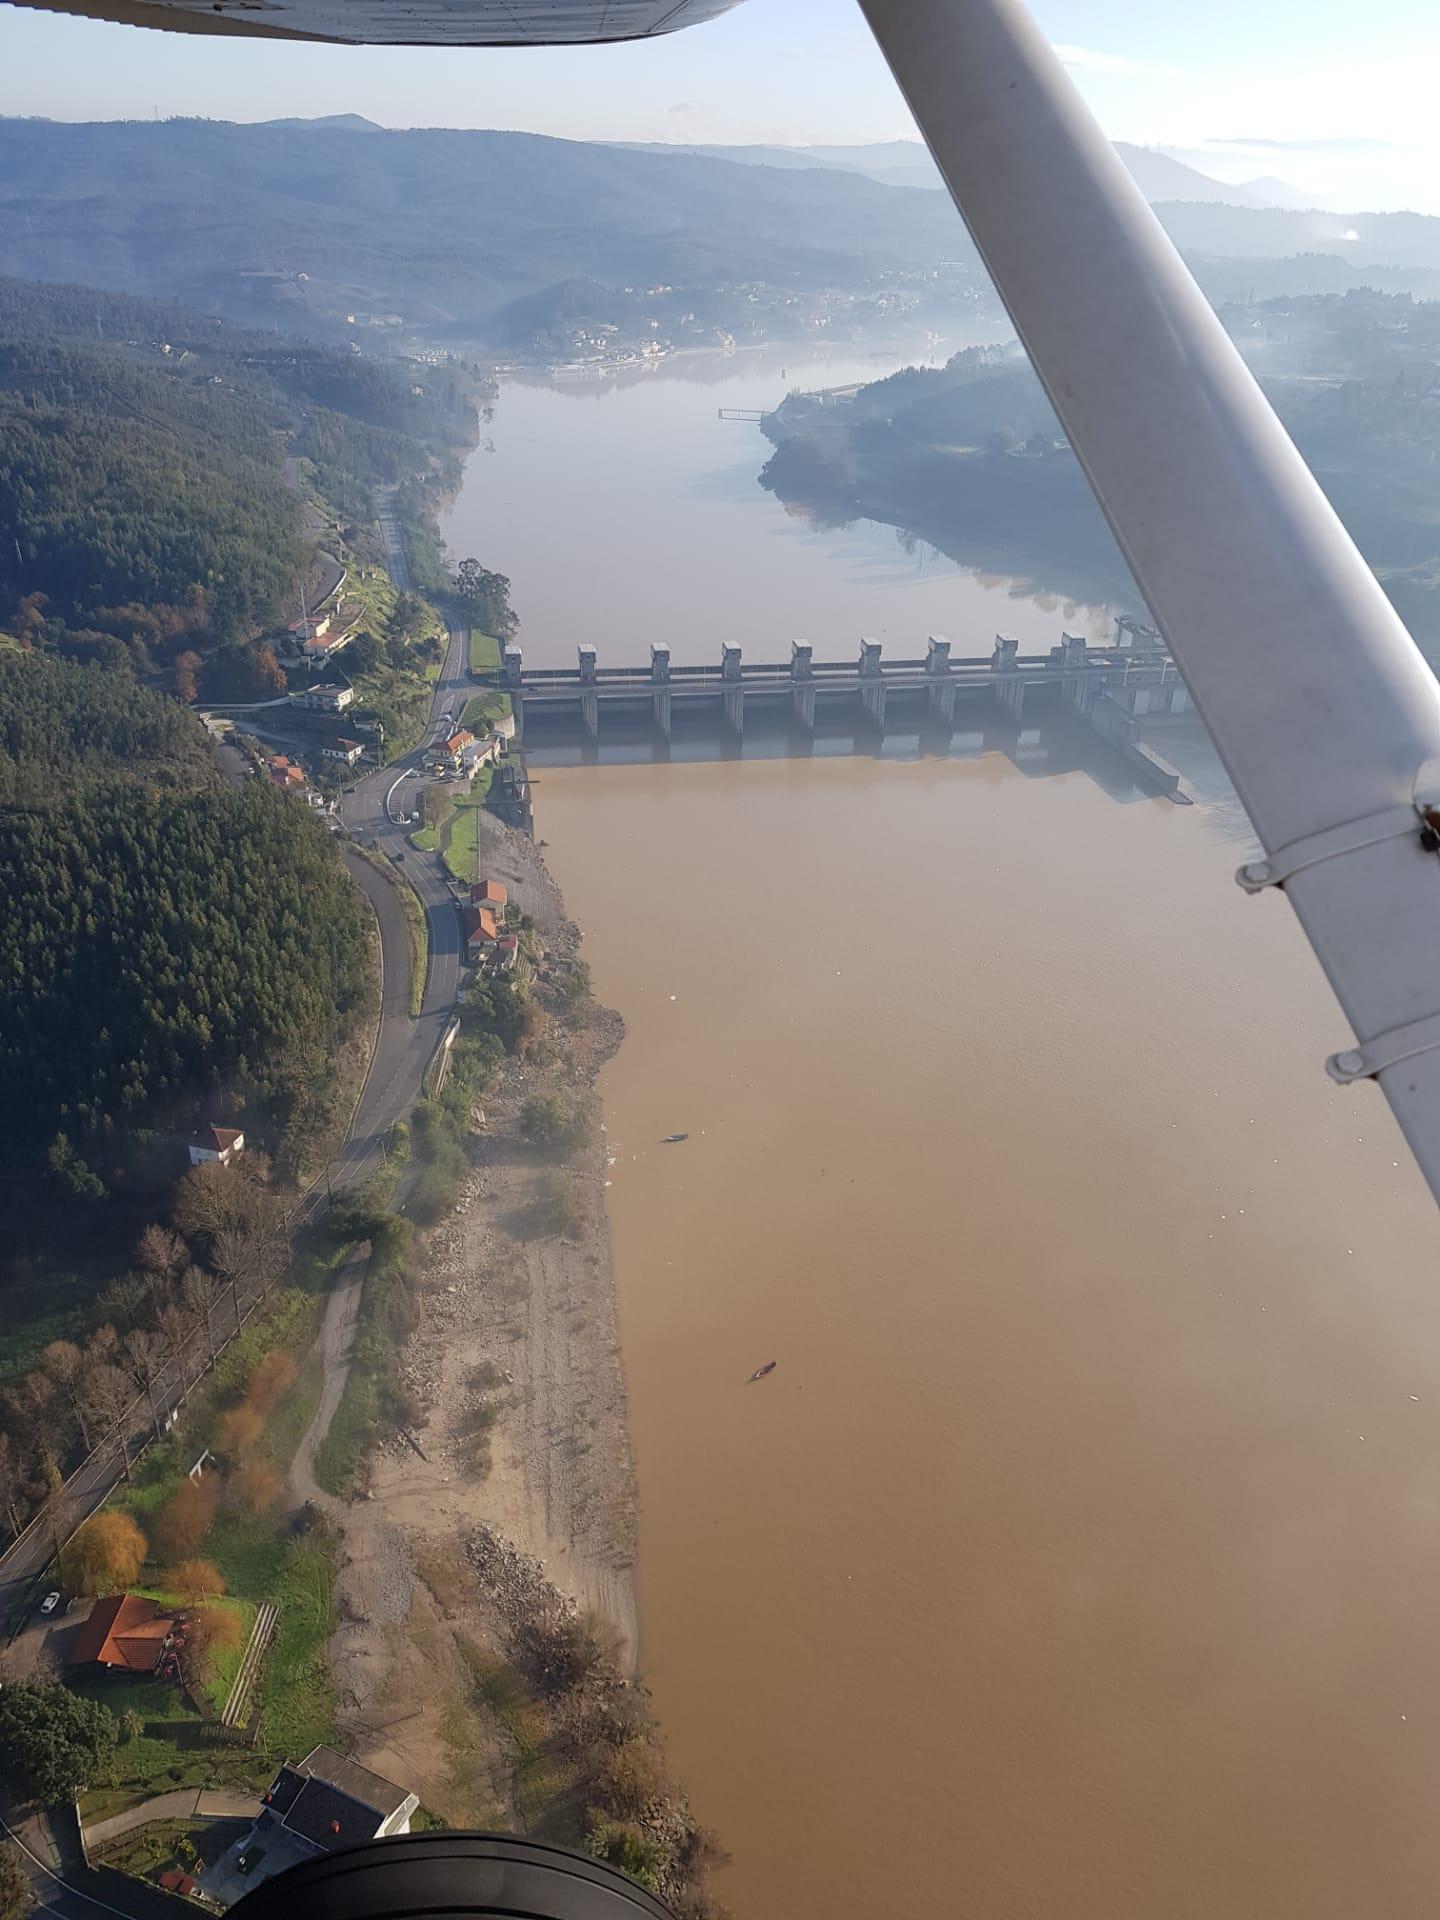 LM-Arquivo-Douro-Paiva-Foto-Aerea-ETA-Lever-094